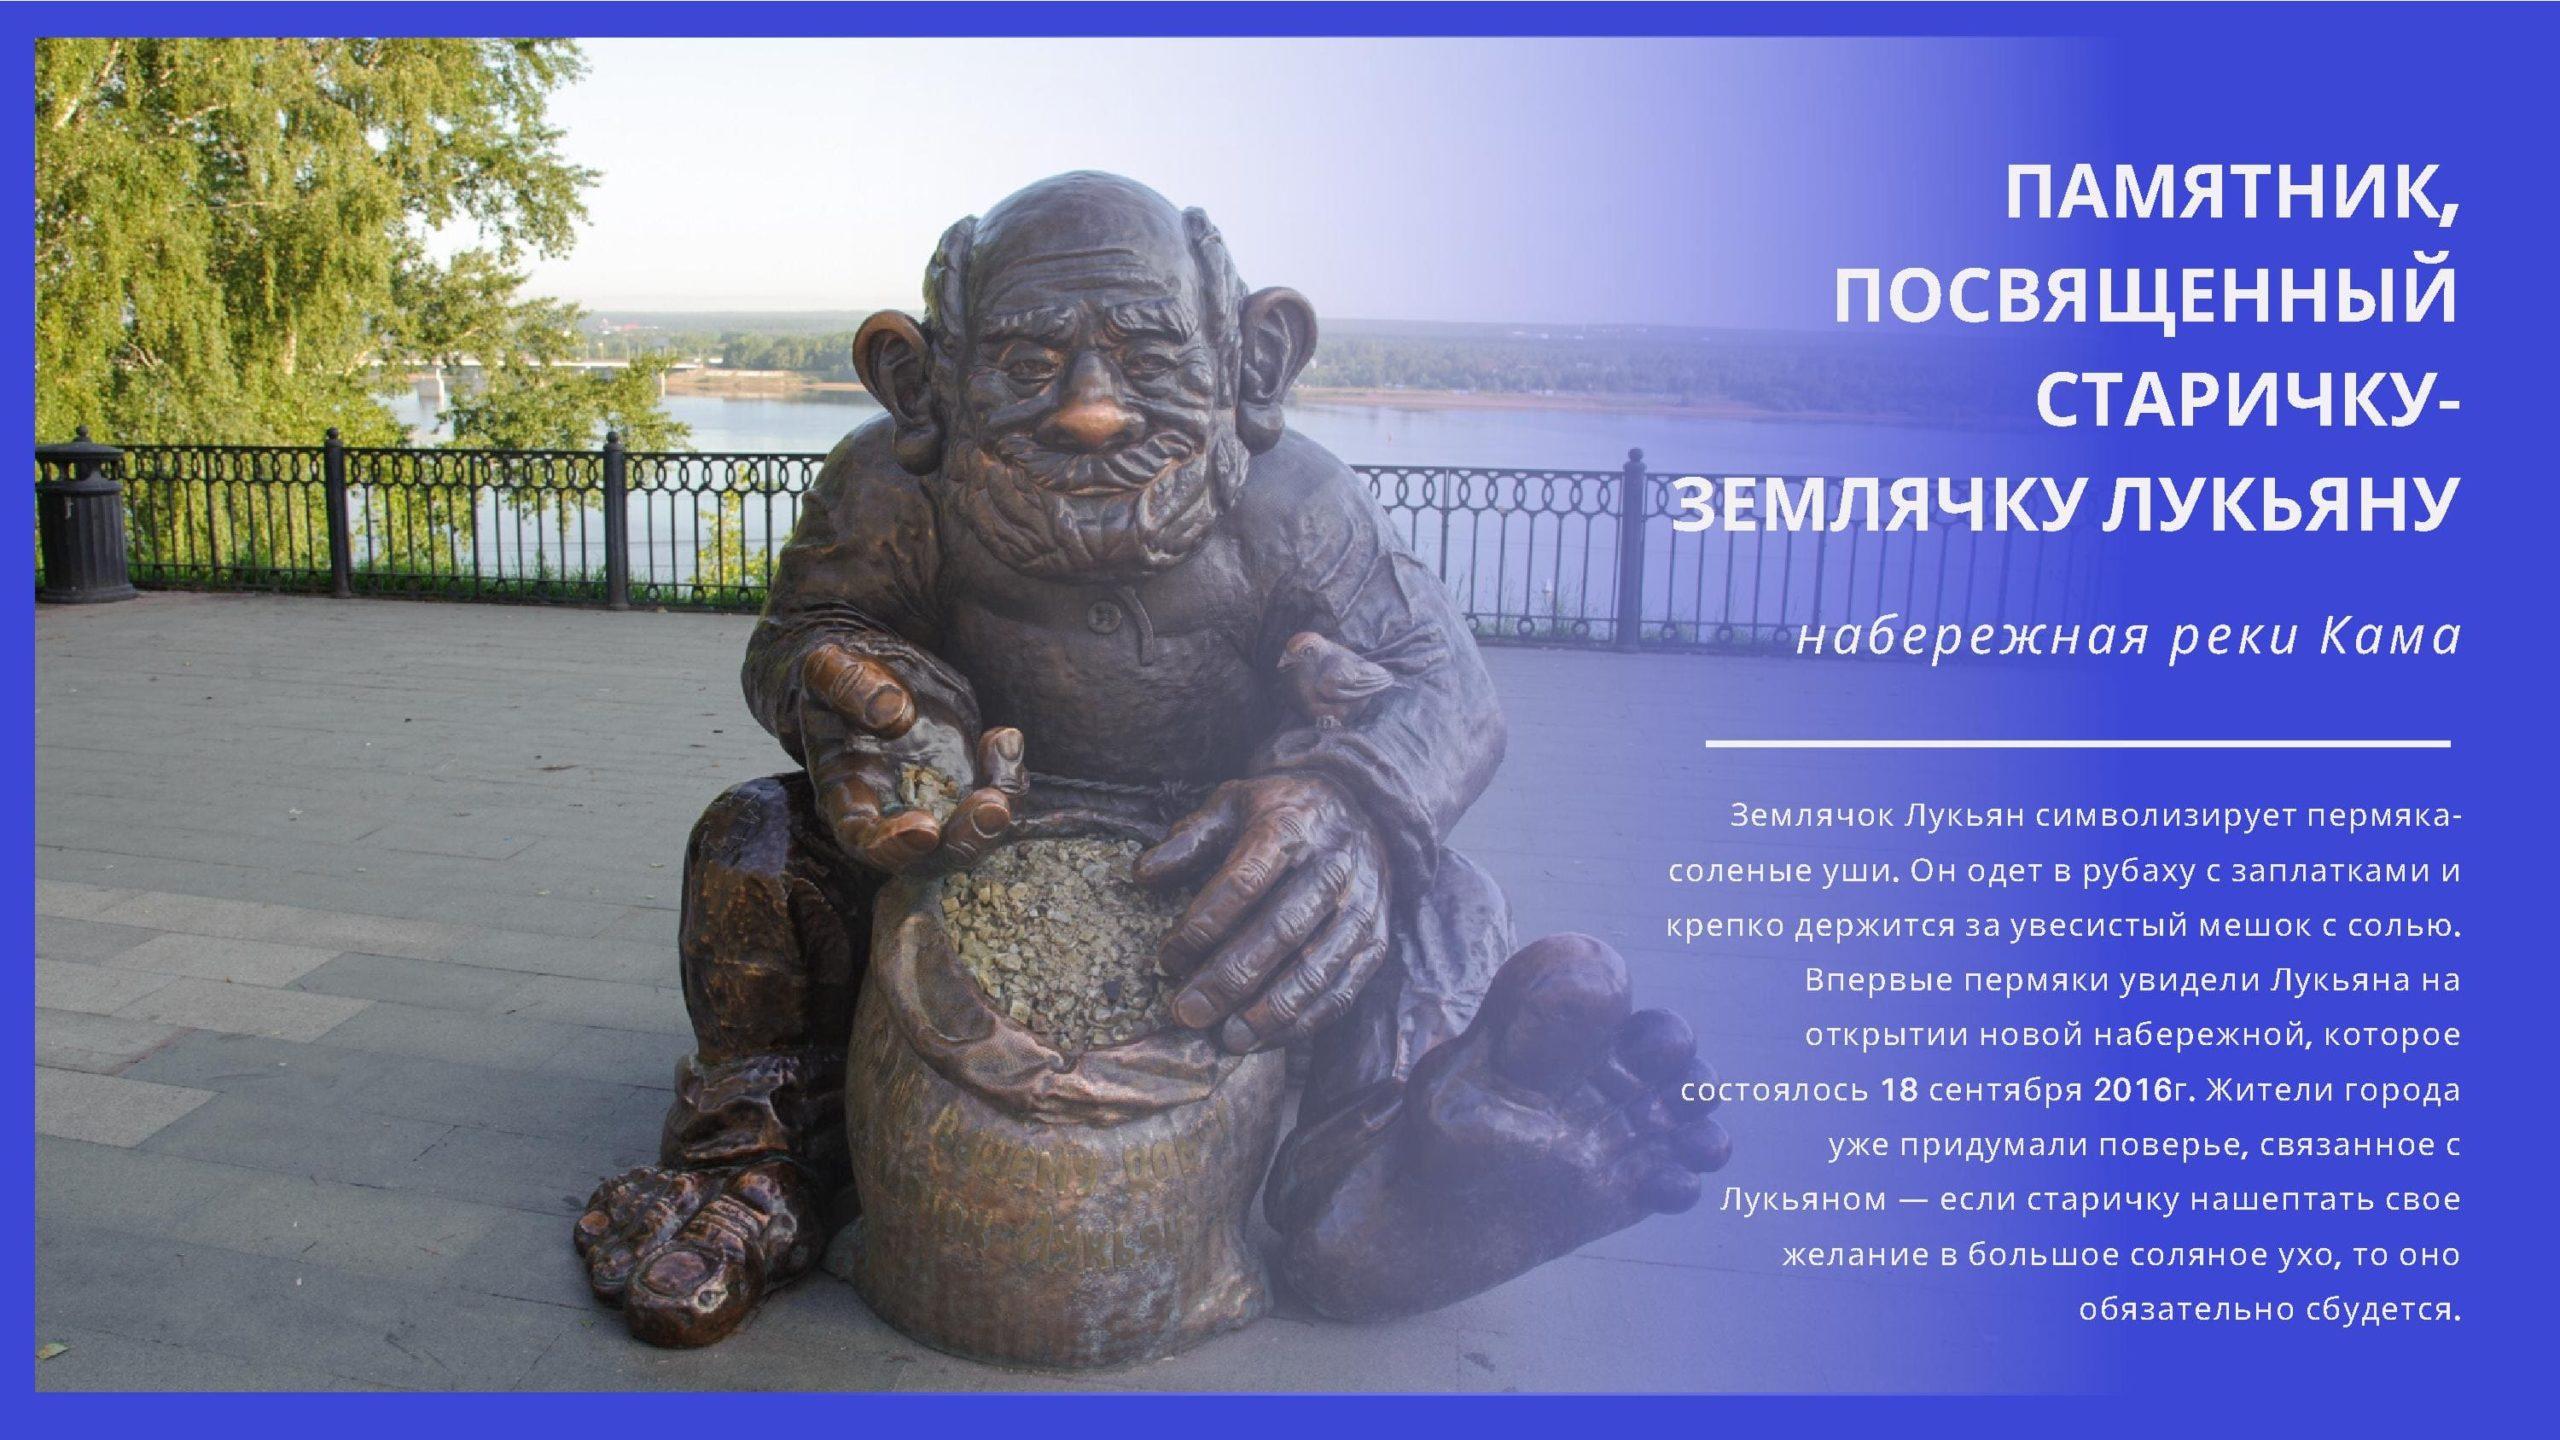 Памятник, посвящённый старичку-землячку Лукьяну. Набережная реки Кама